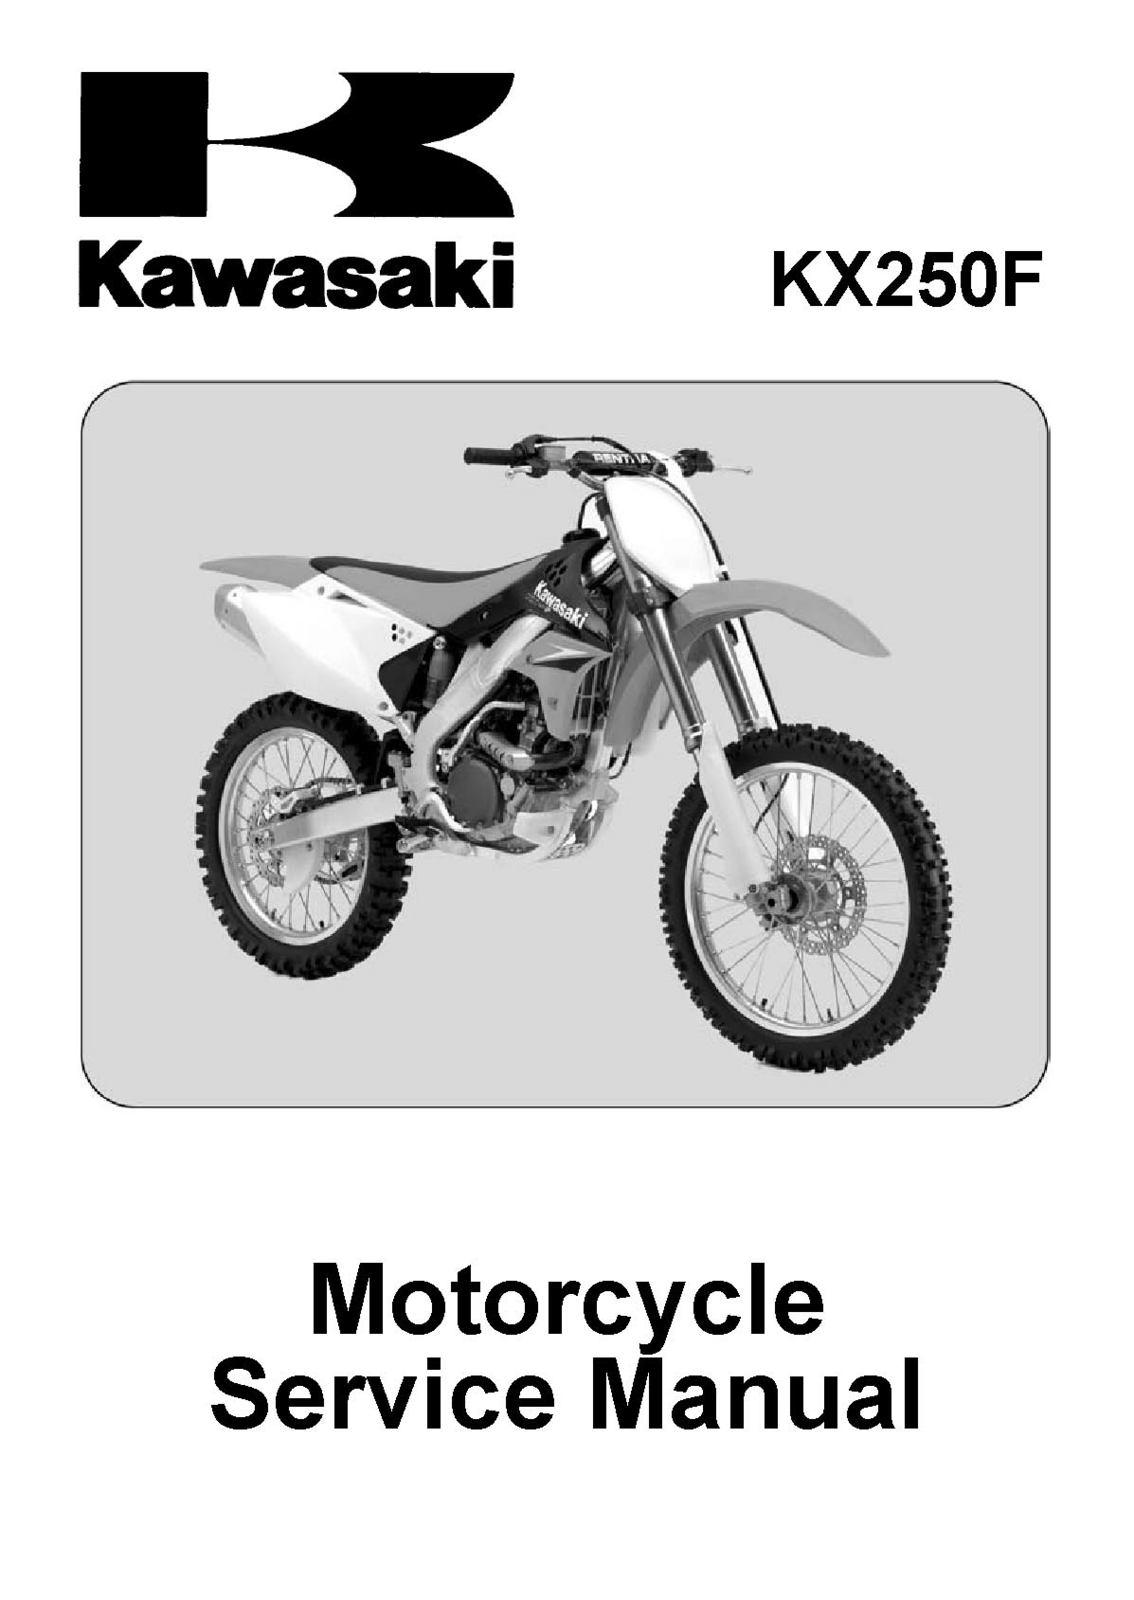 kawasaki kx250f kx 250f 250 f t shop service and 44 similar items rh  bonanza com Owner's Manual User Manual